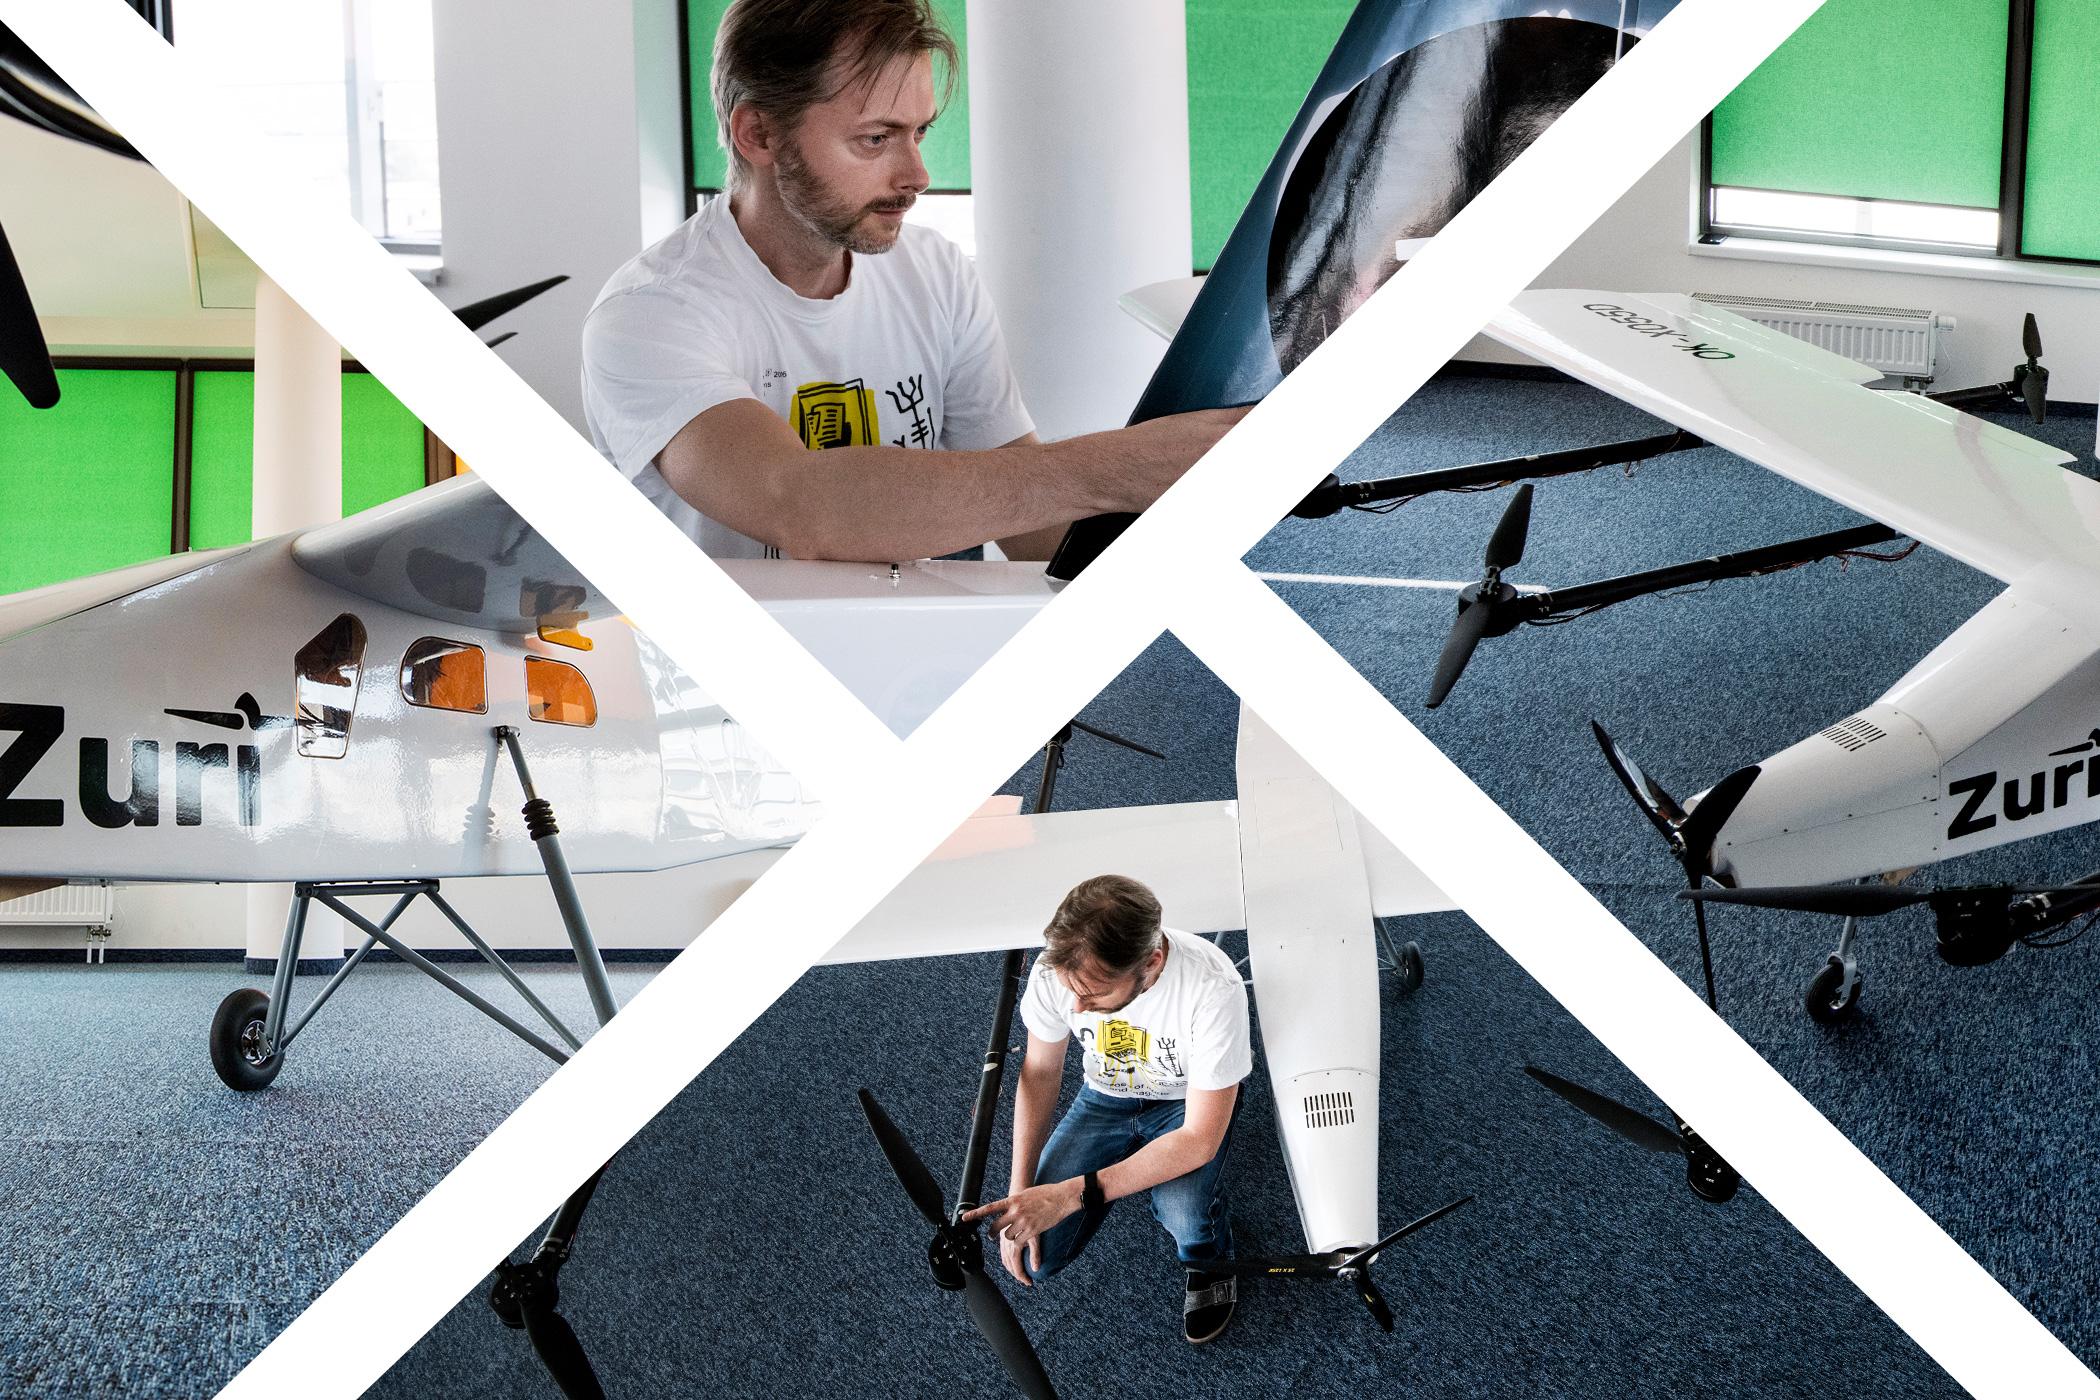 Michal Illich stojí za konceptem autonomního letadla s kolmým startem Zuri. Nahradí létání v budoucnosti jízdu autem?